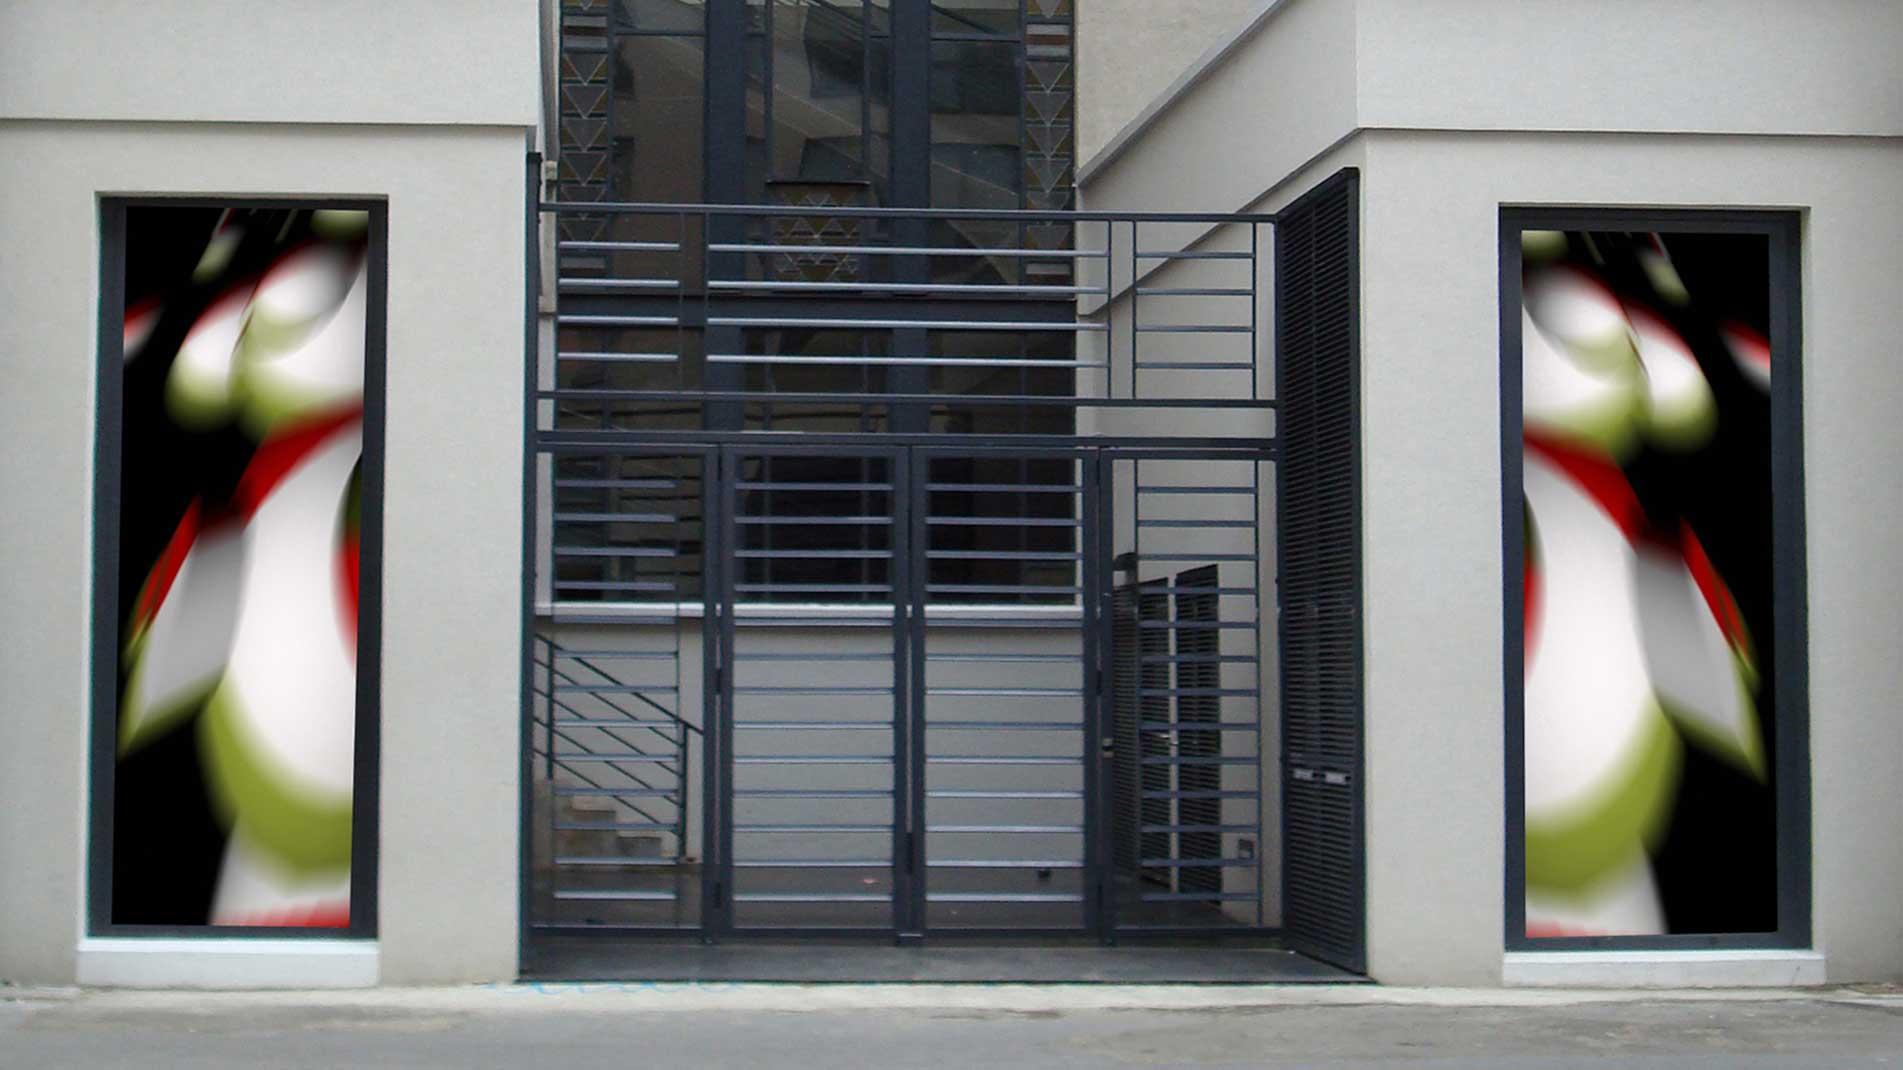 Guillaume Bottazzi, environmental art, heritage building